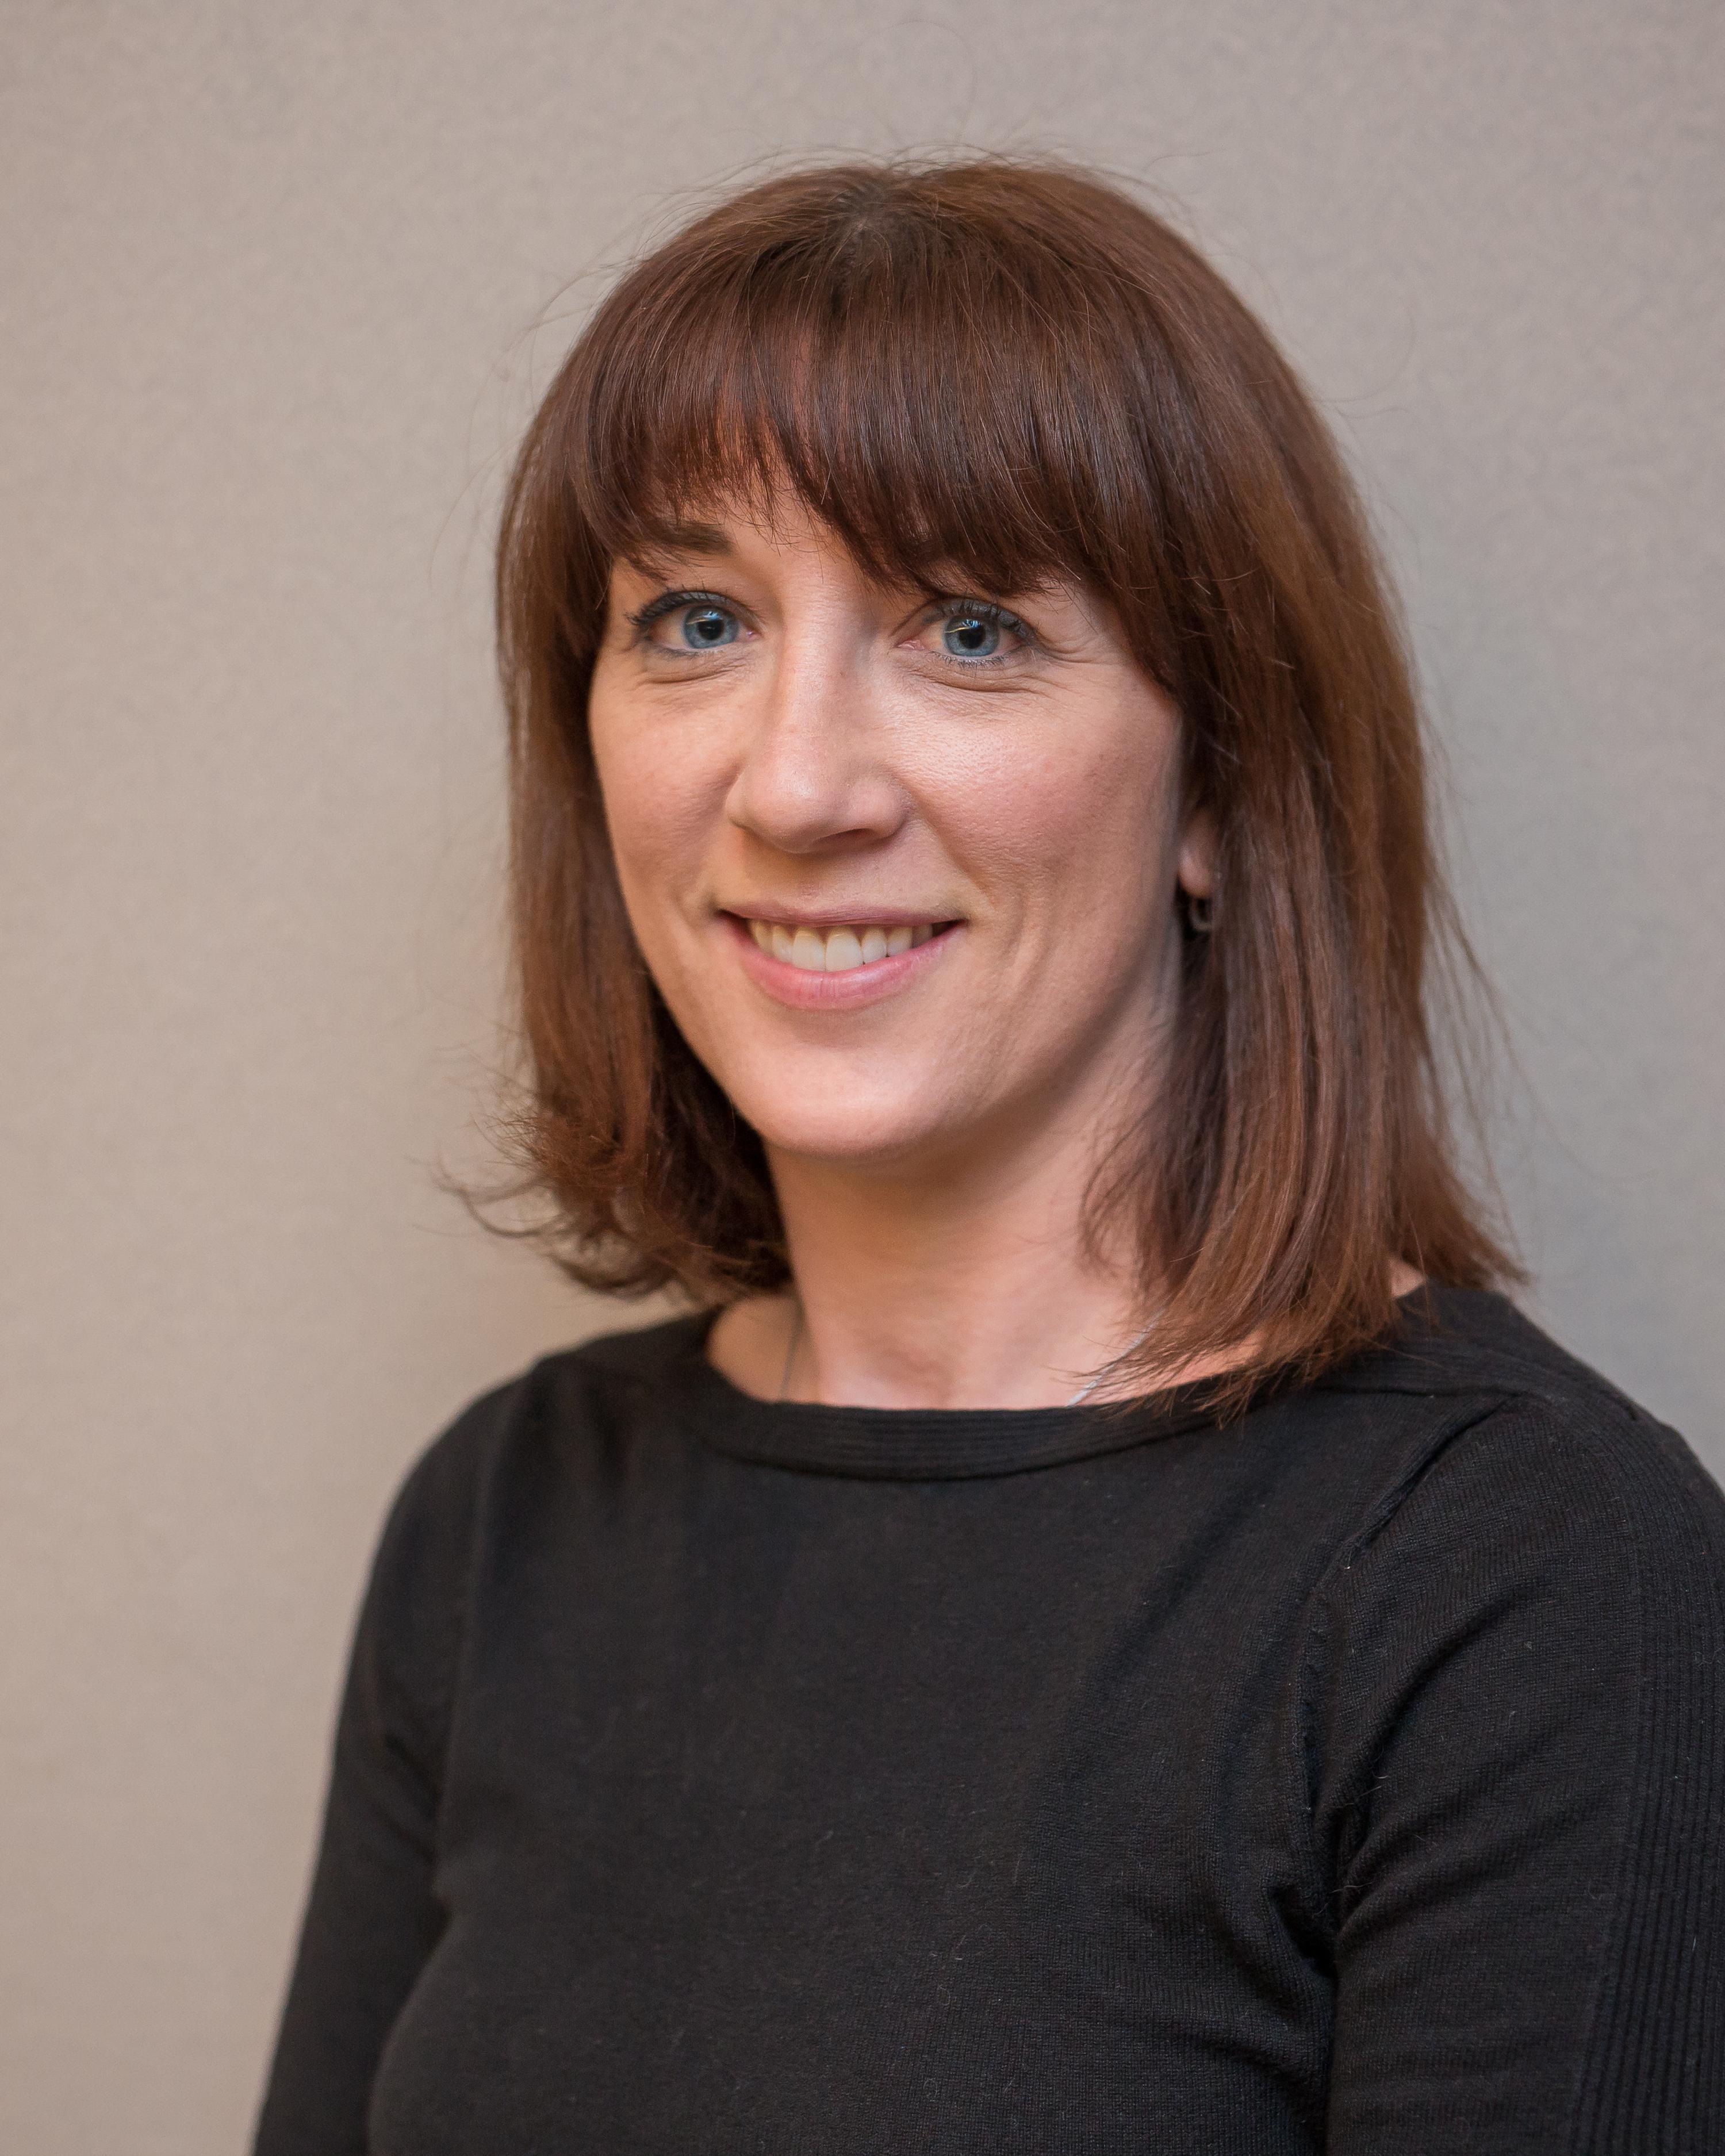 Dr. Carly Rosenzweig